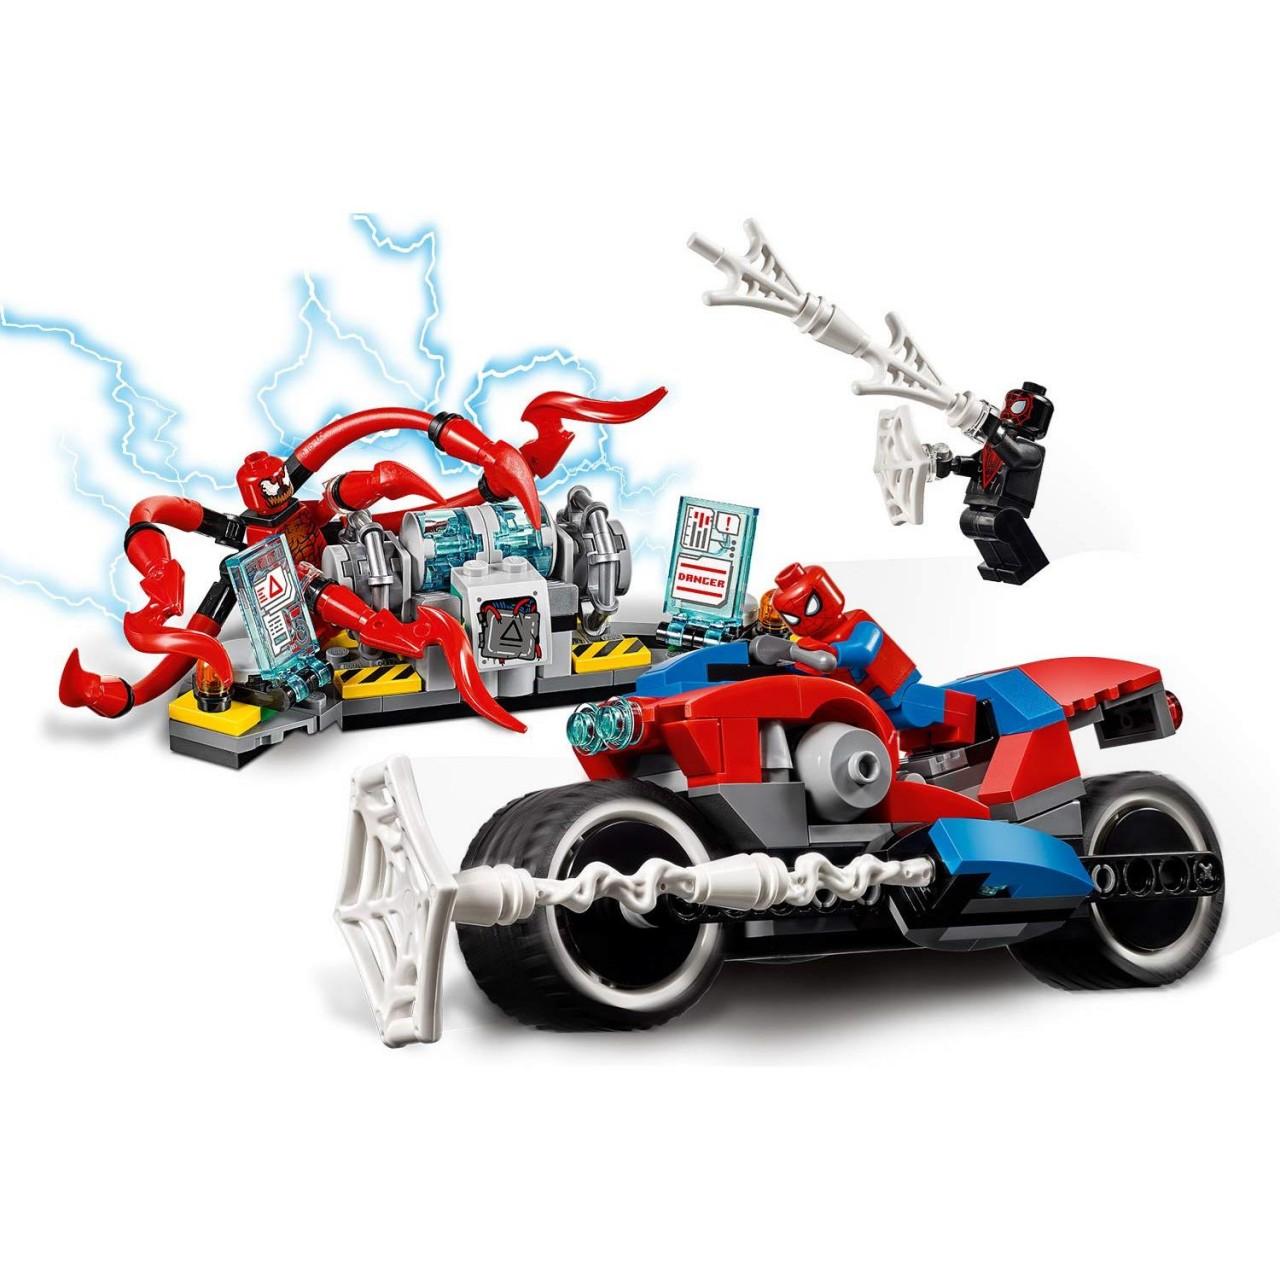 LEGO MARVEL SUPER HEROES 76113 Spider-Man Motorradrettung